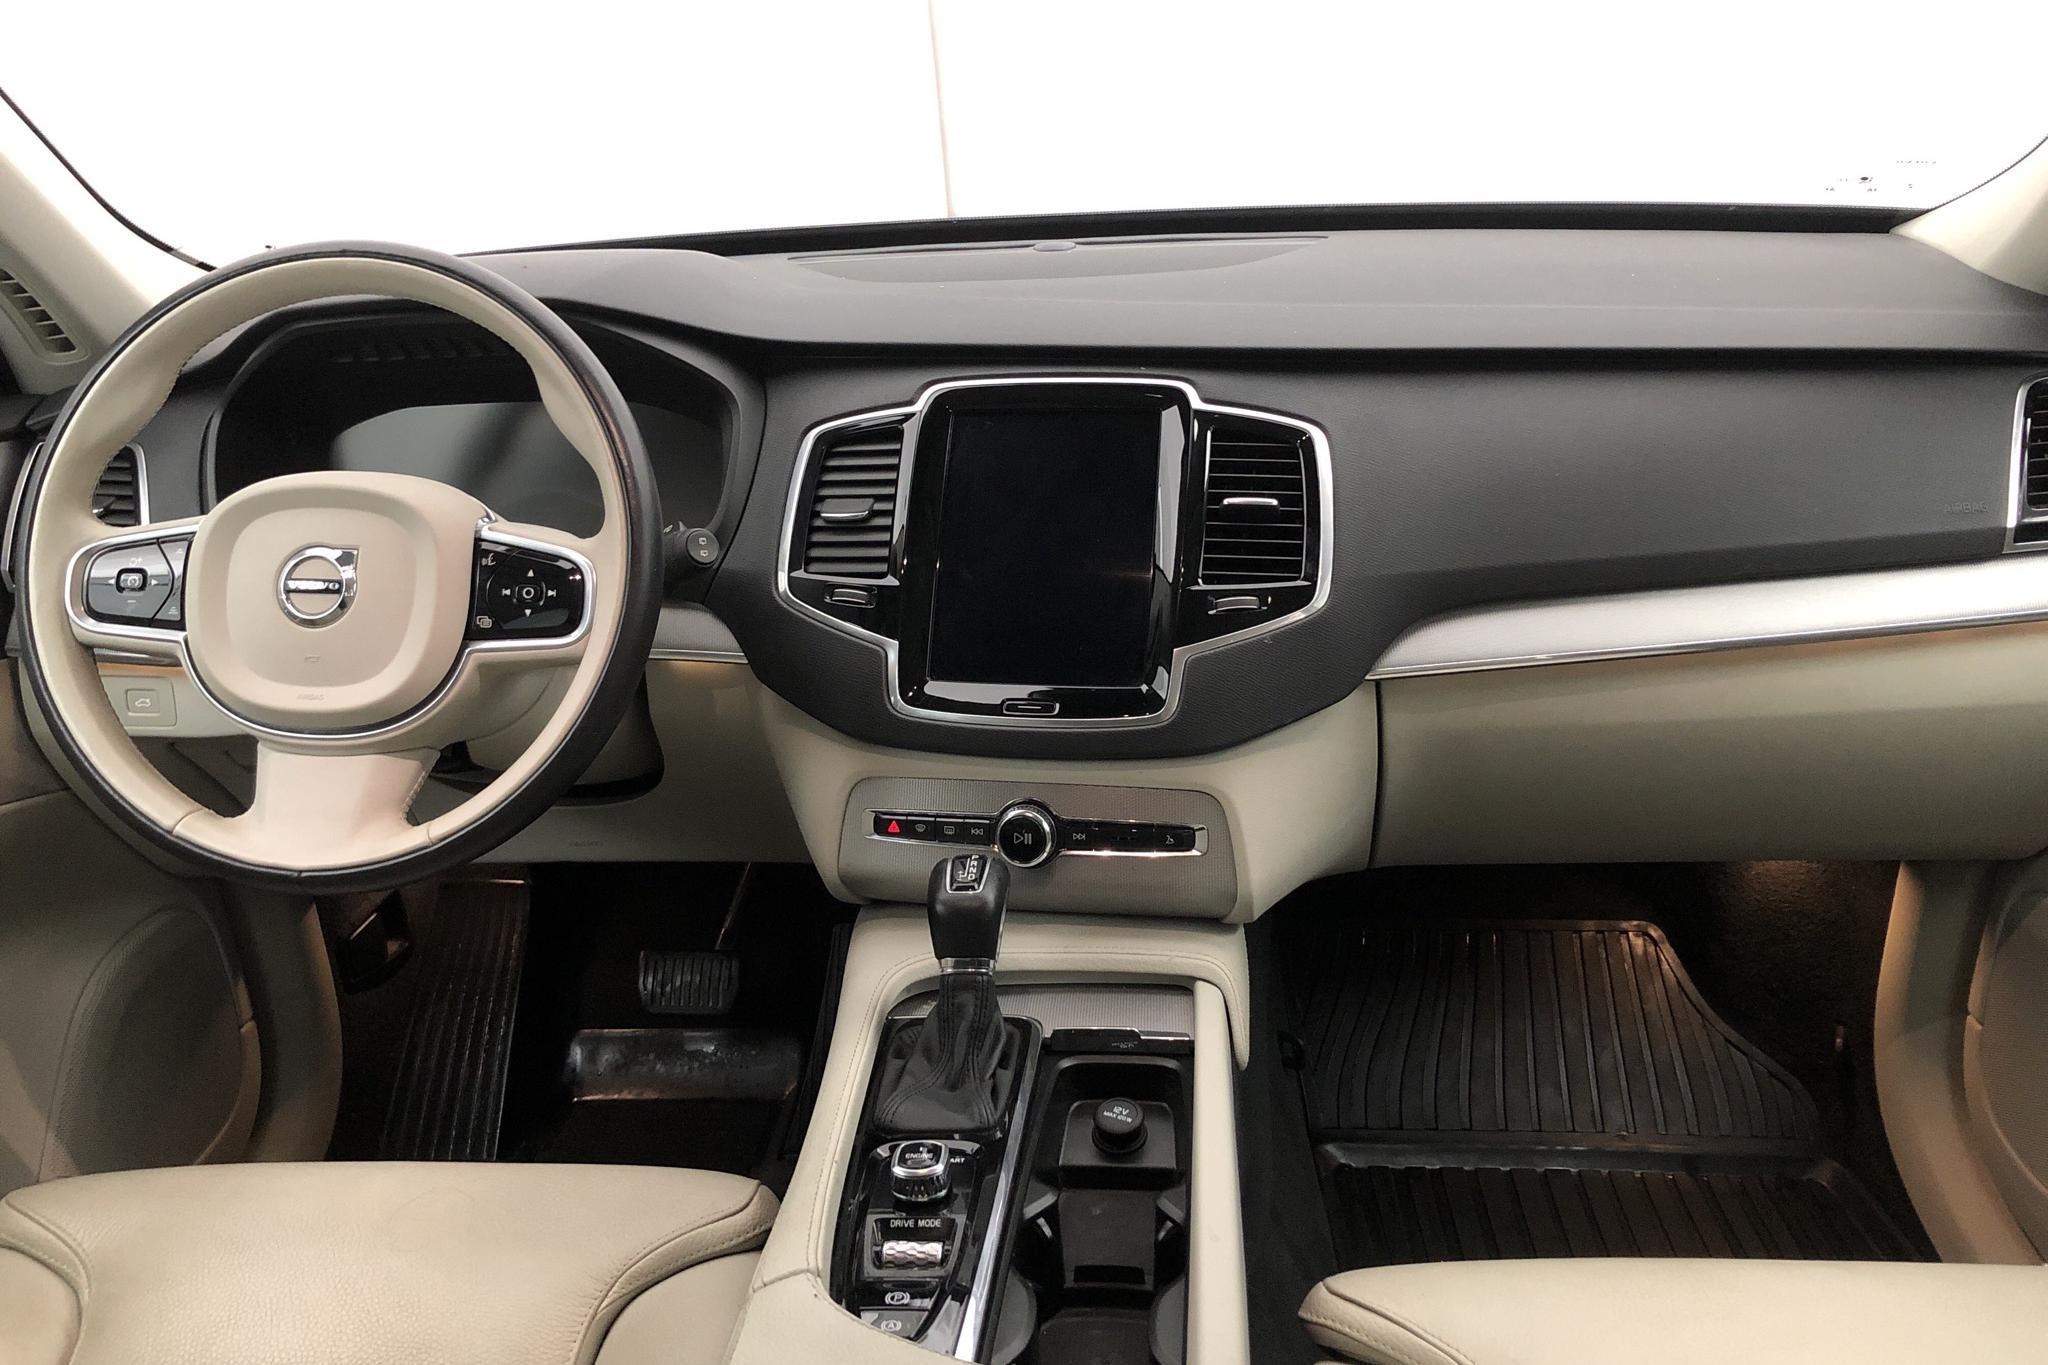 Volvo XC90 D5 AWD (235hk) - 4 894 mil - Automat - Dark Blue - 2017